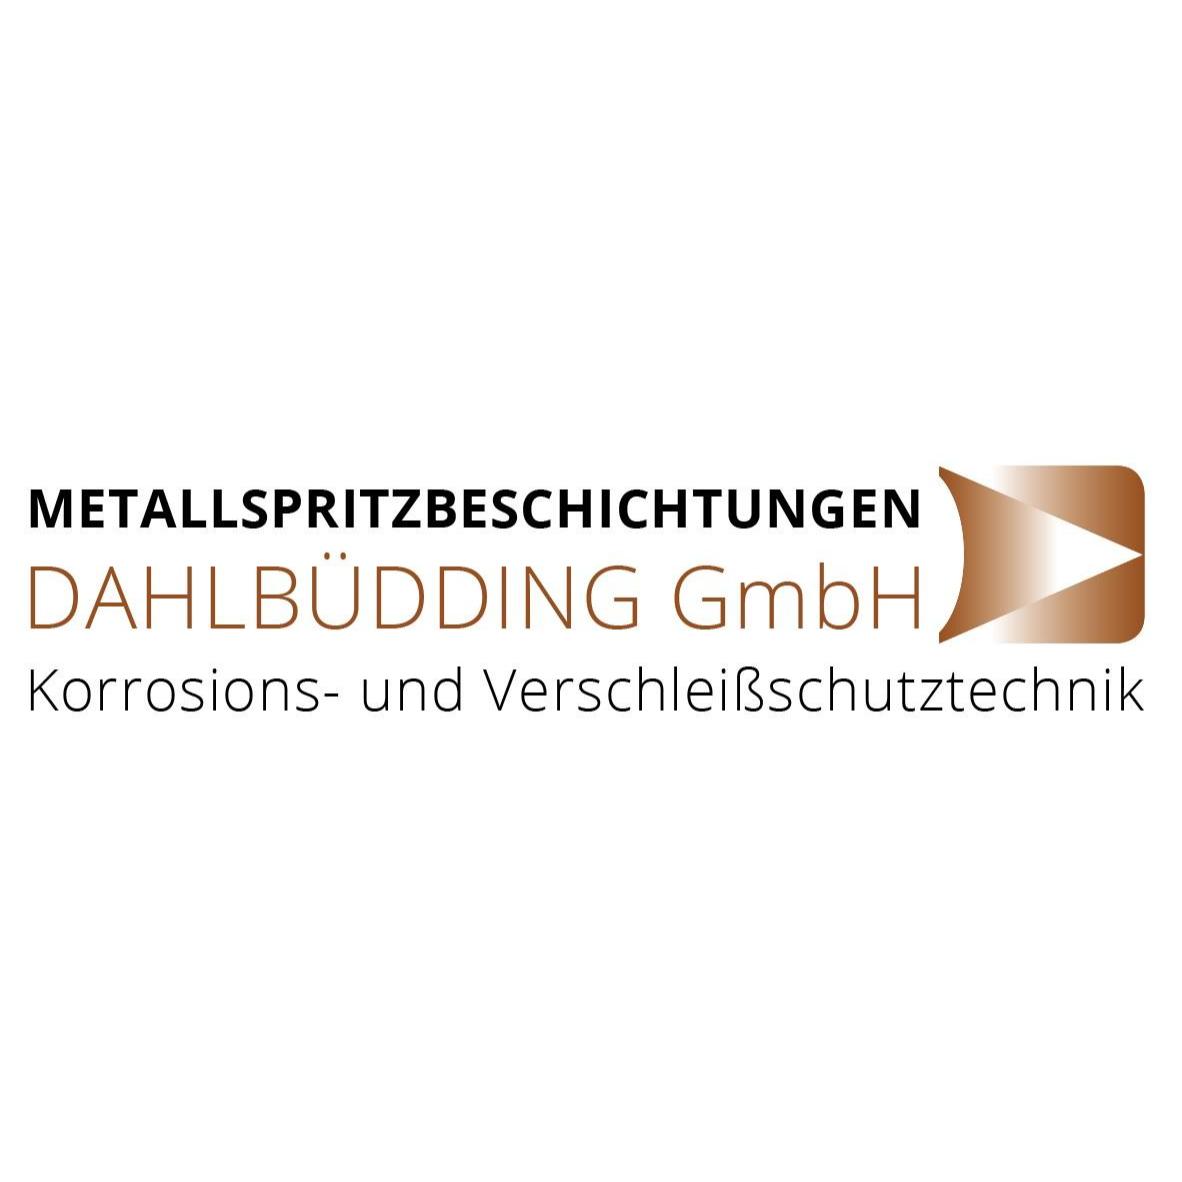 Bild zu Metallspritzbeschichtungen Dahlbüdding GmbH in Großheubach